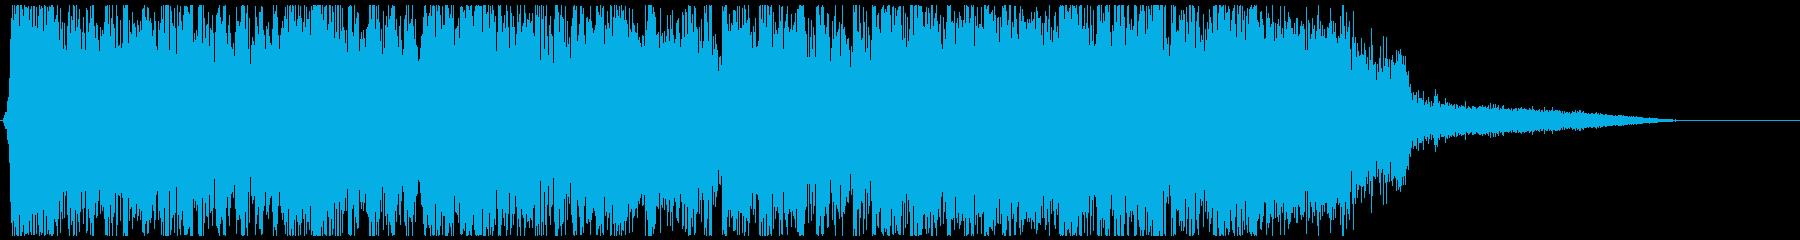 疾走感あふれるヘヴィメタルのジングルの再生済みの波形